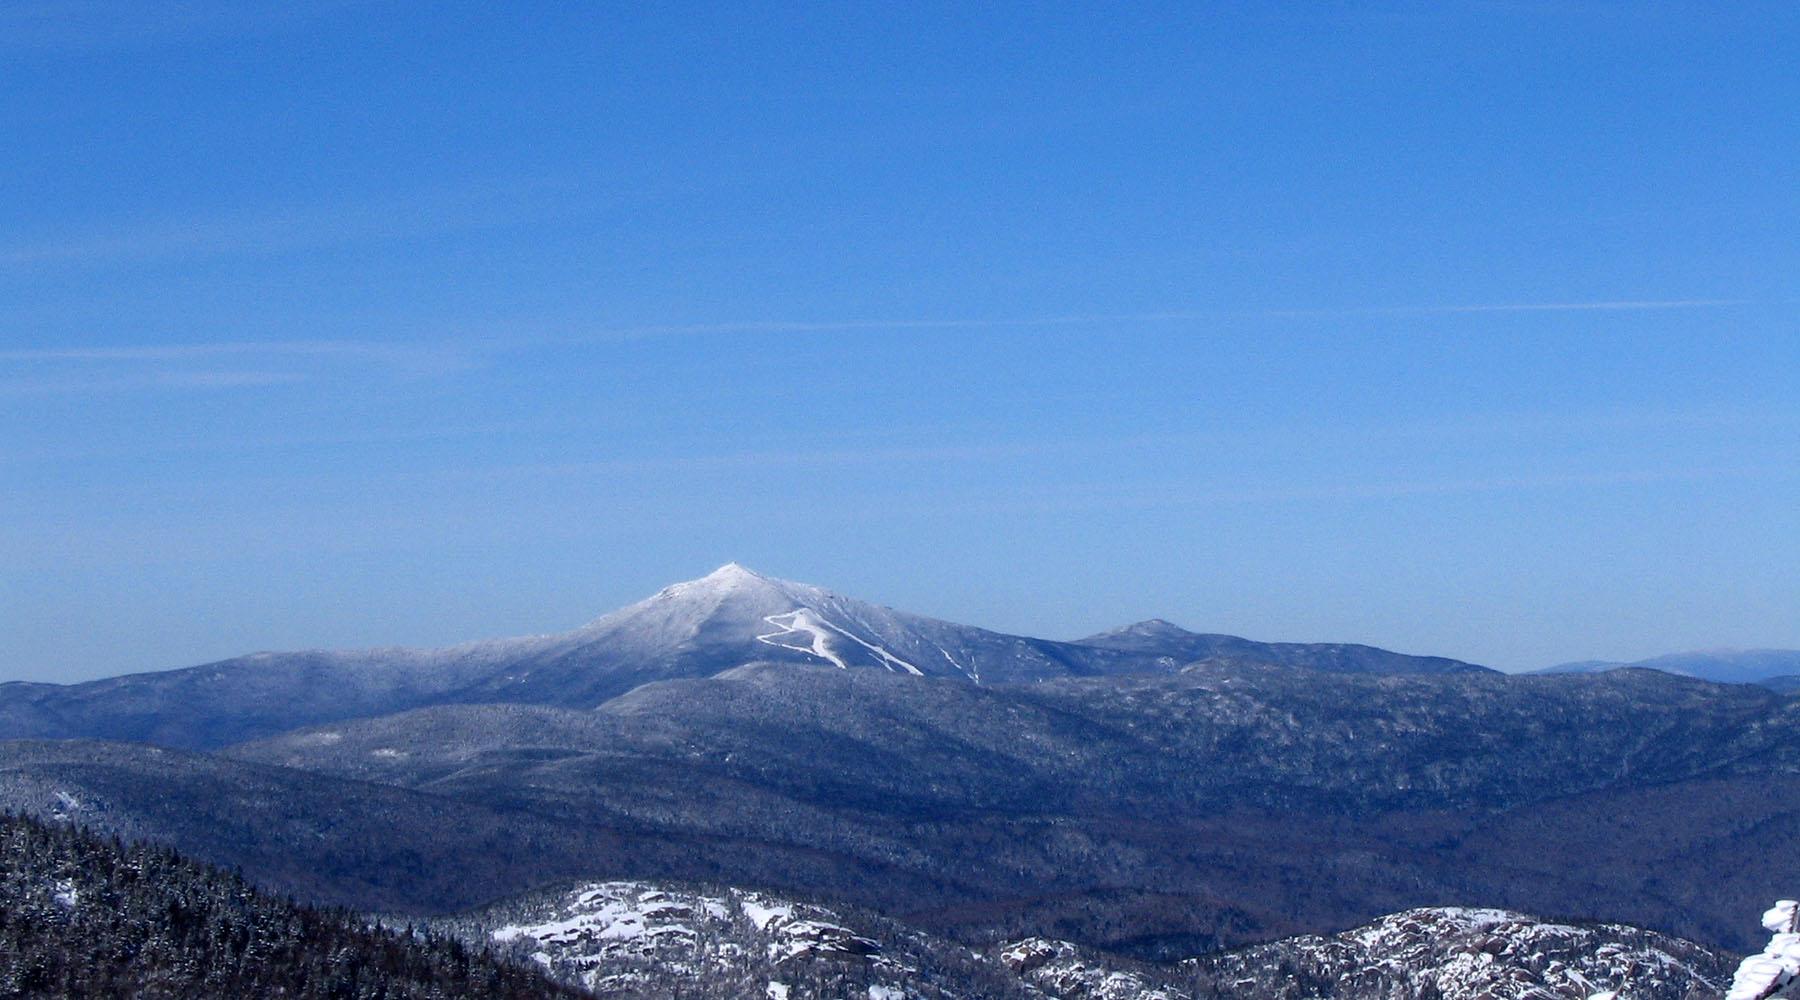 randonnée en raquette - randonnée hivernale - le massif en hiver - région charlevoix